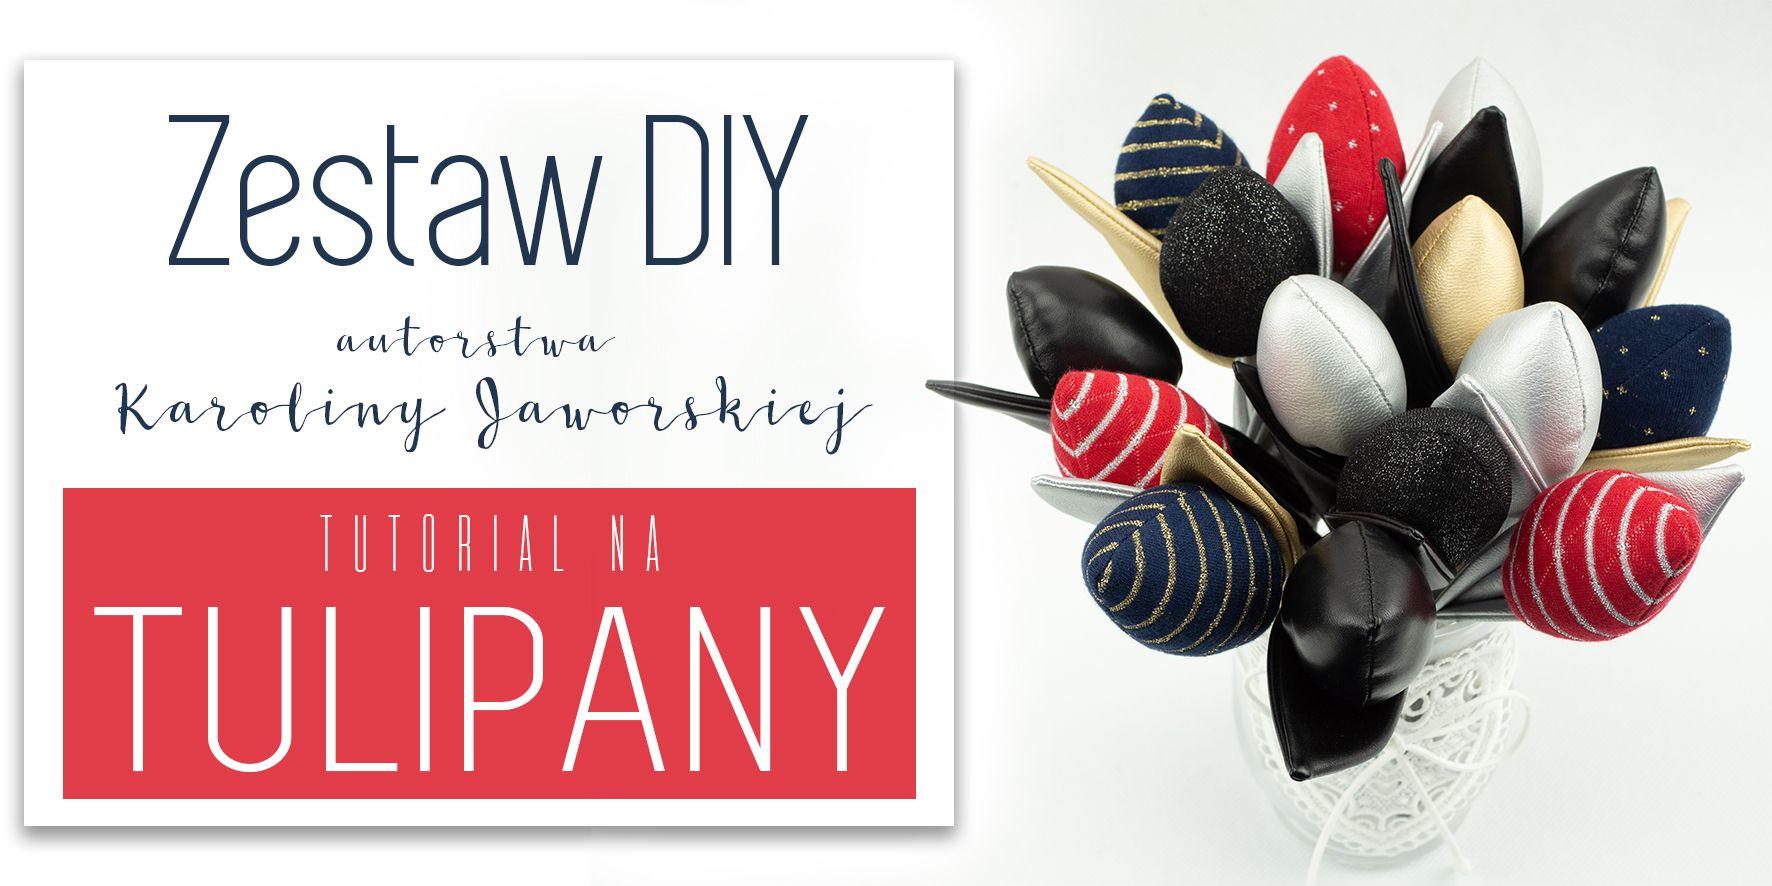 Tulipany - zestaw DIY